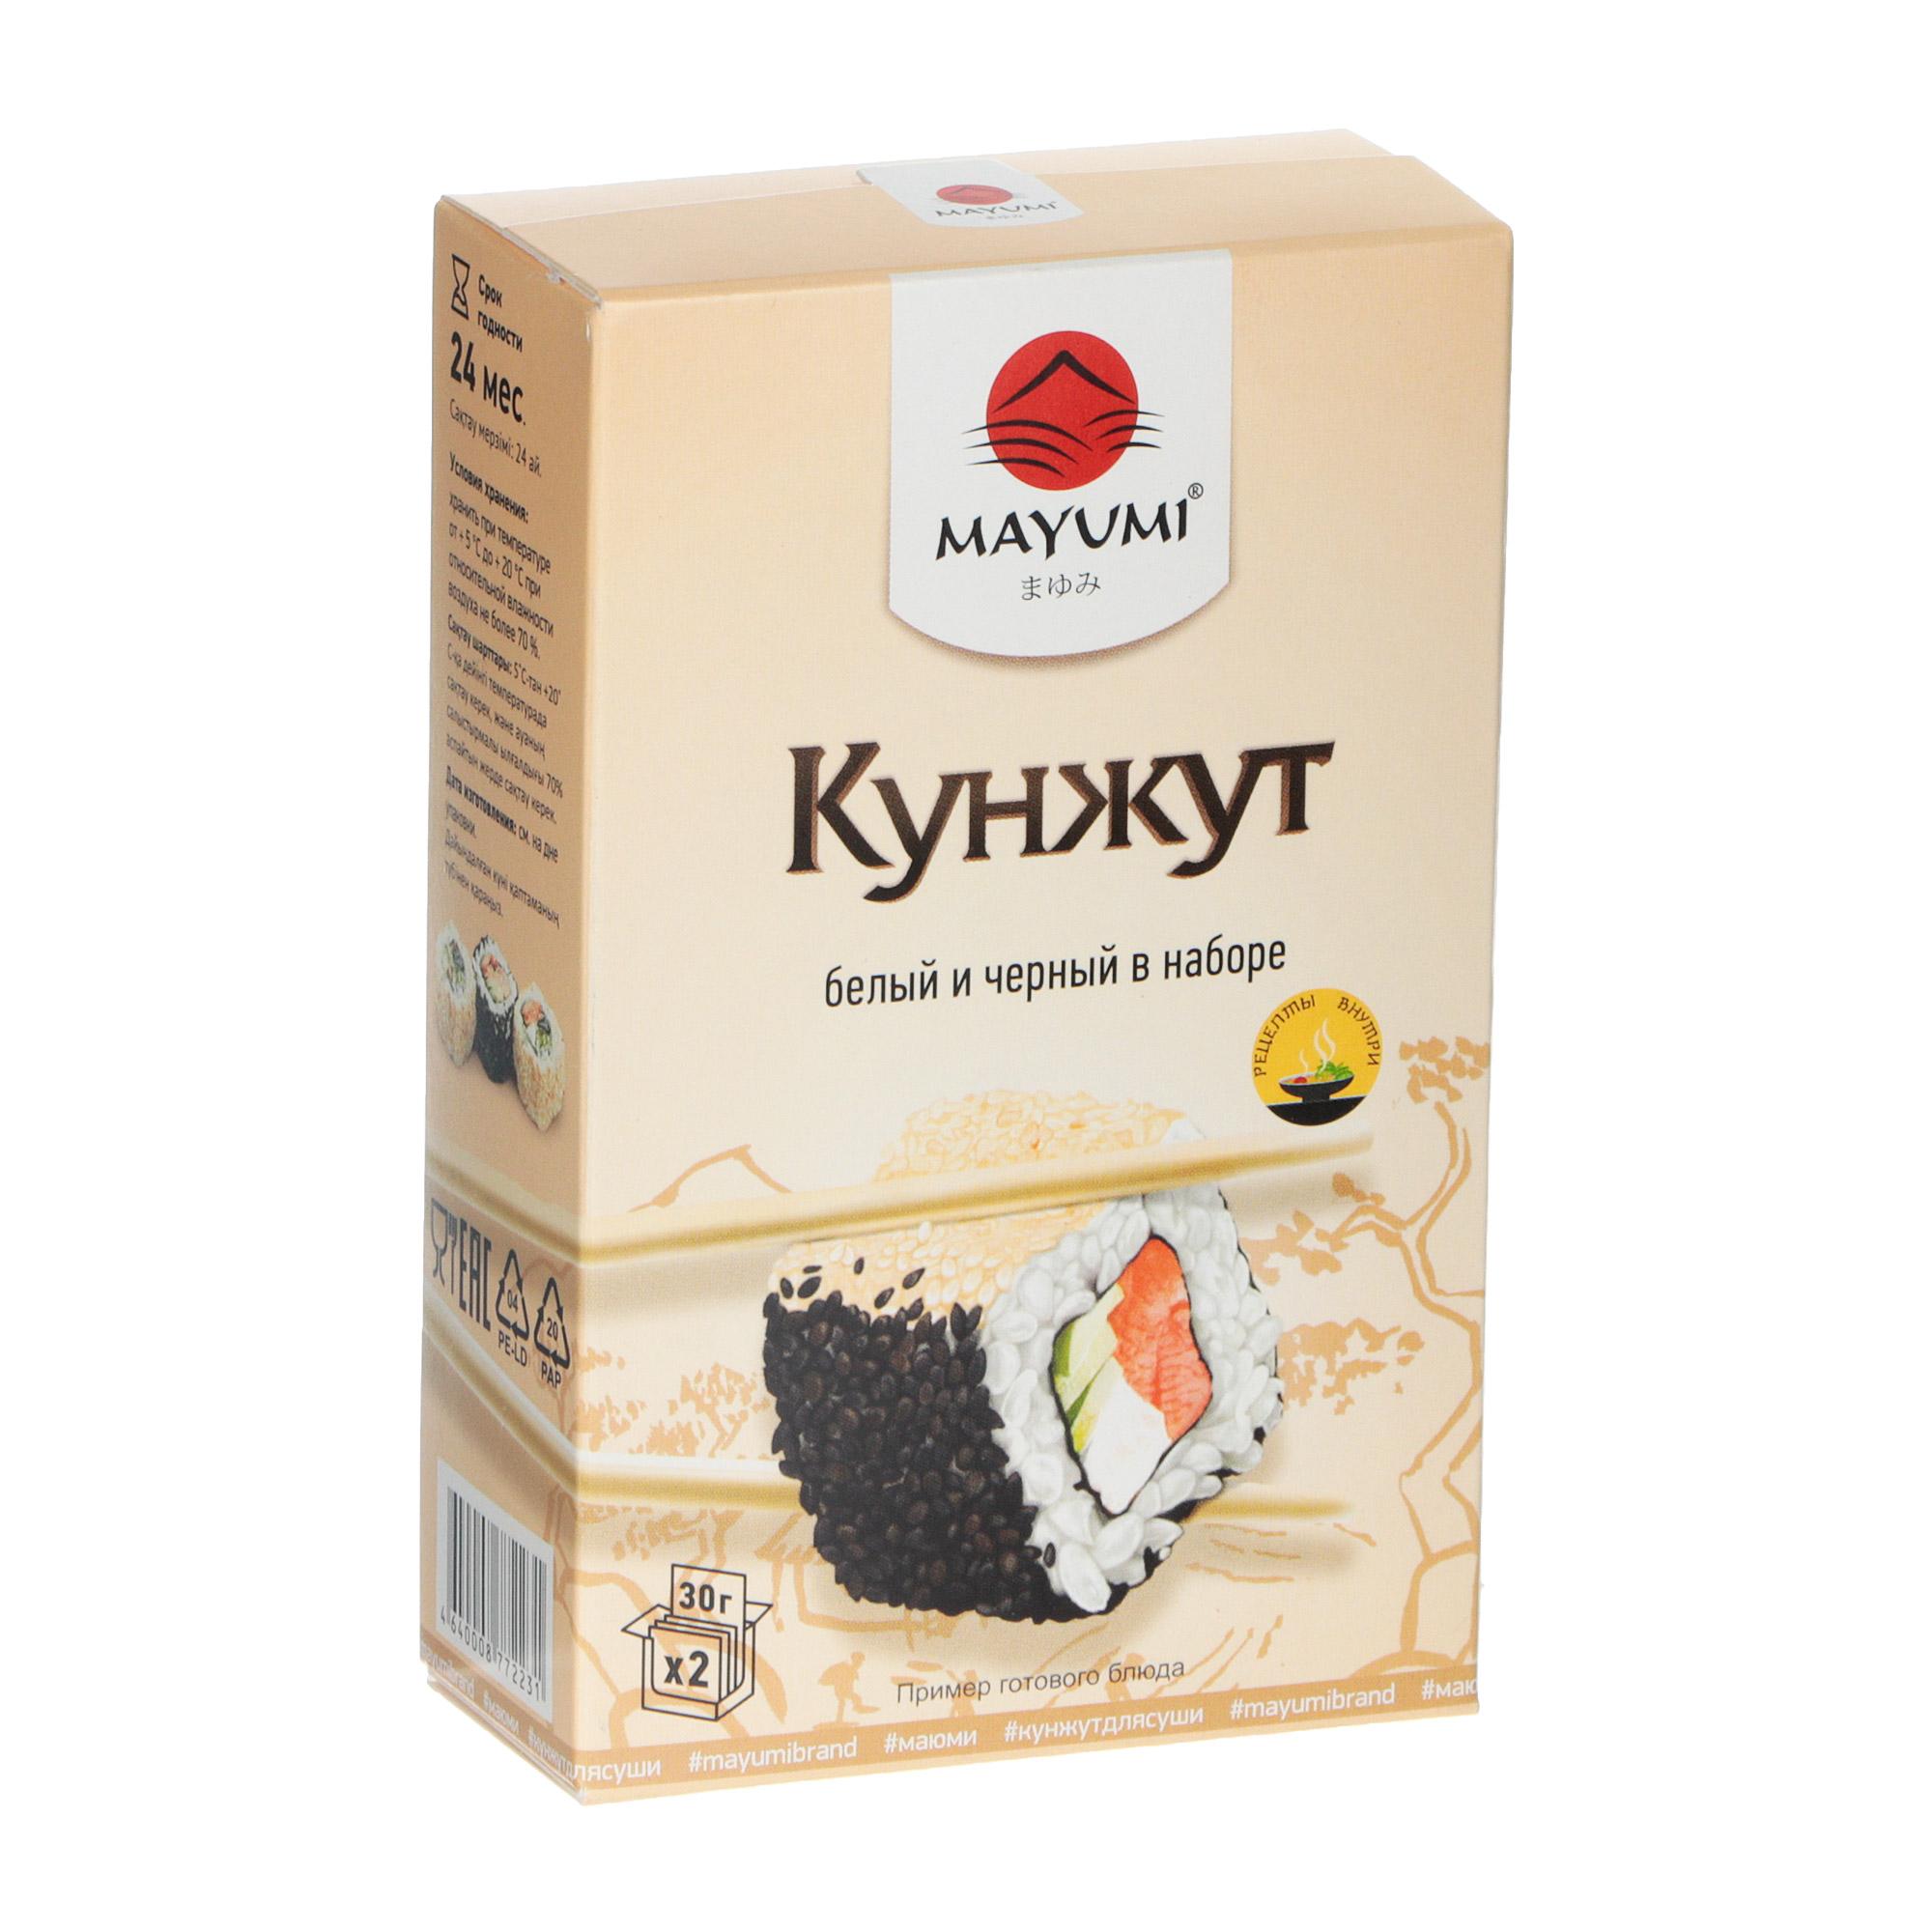 Кунжут белый и черный Mayumi 15 г